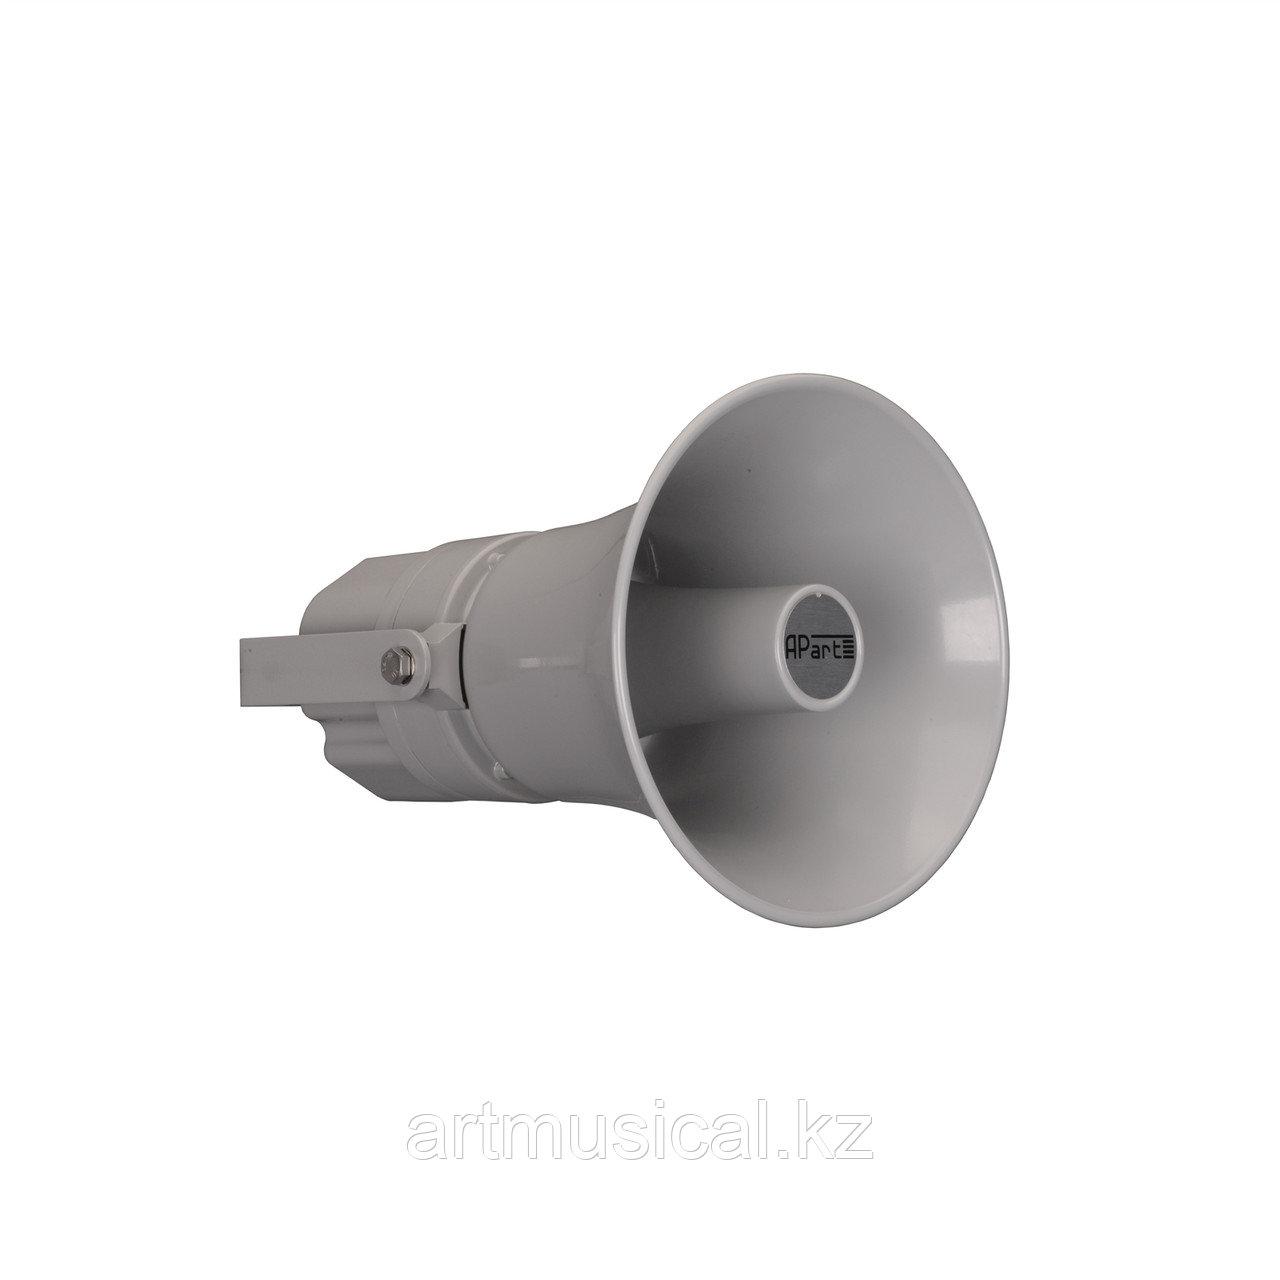 Громкоговоритель APart HM25-G